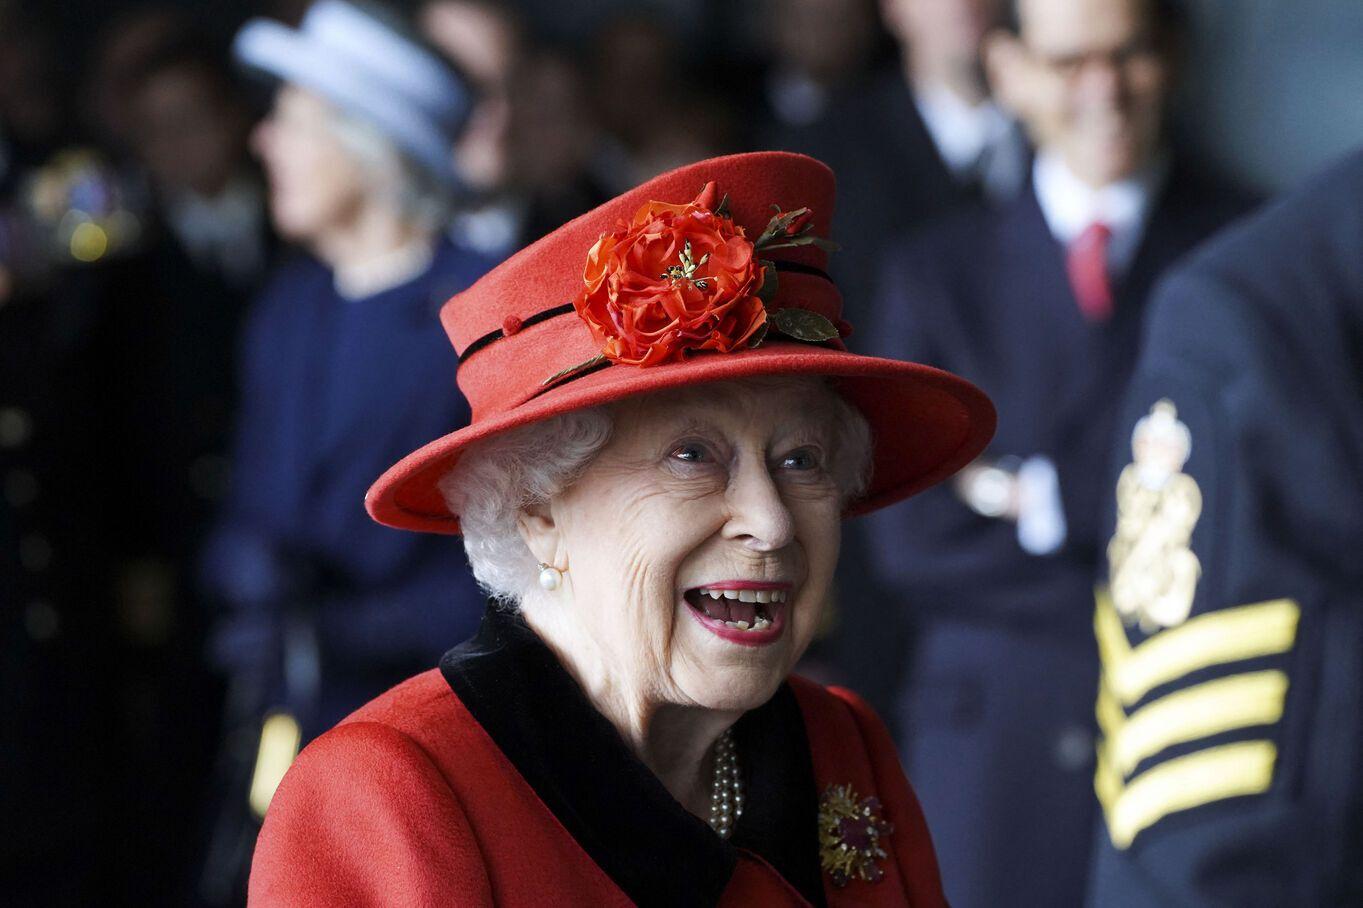 La reine d'Angleterre prépare le jubilé de son couronnement